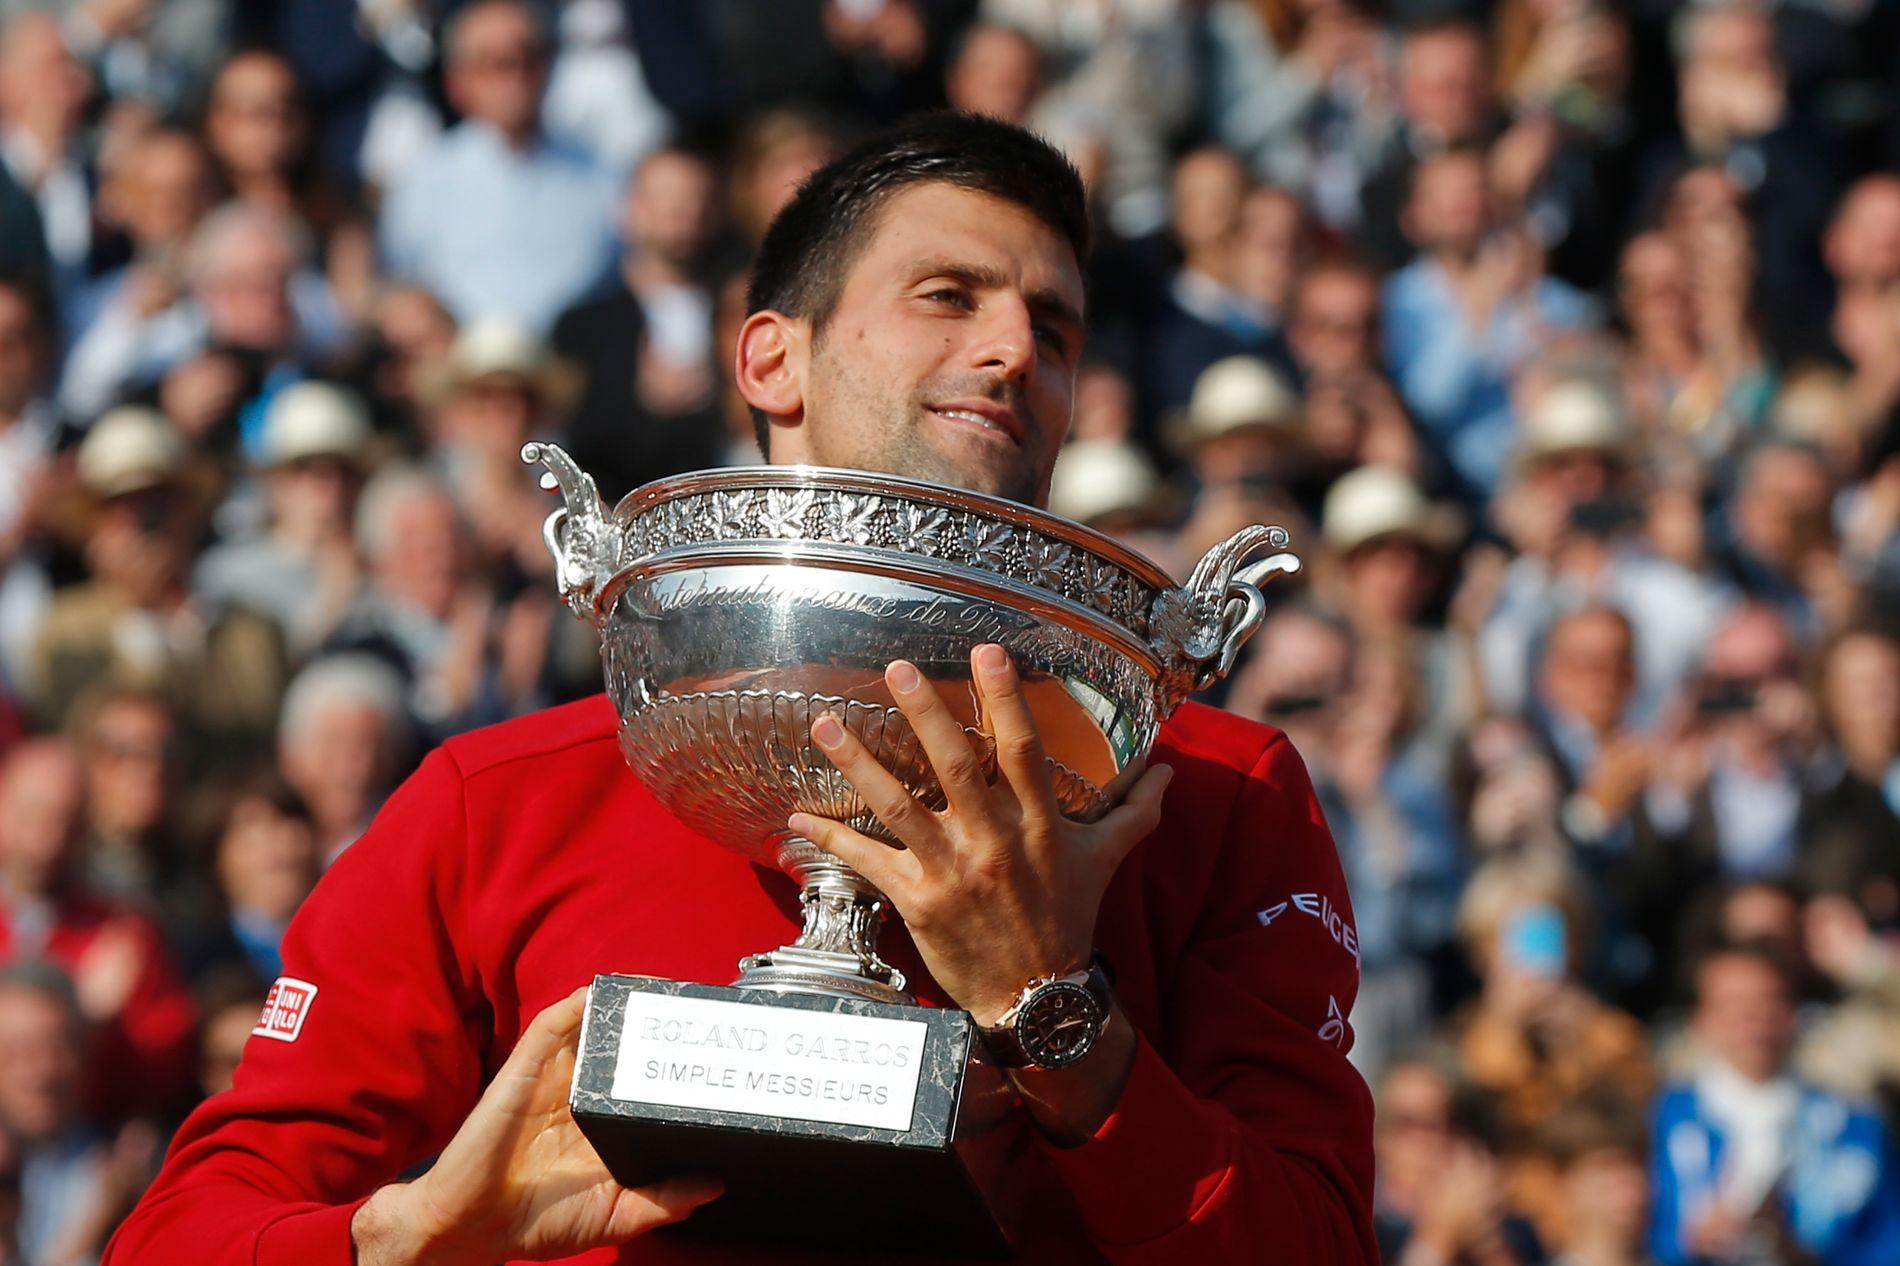 HISTORISK: Novak Djokovic løfter pokalen som vinner av French Open. Det er første gang han vinner på Roland Garros.